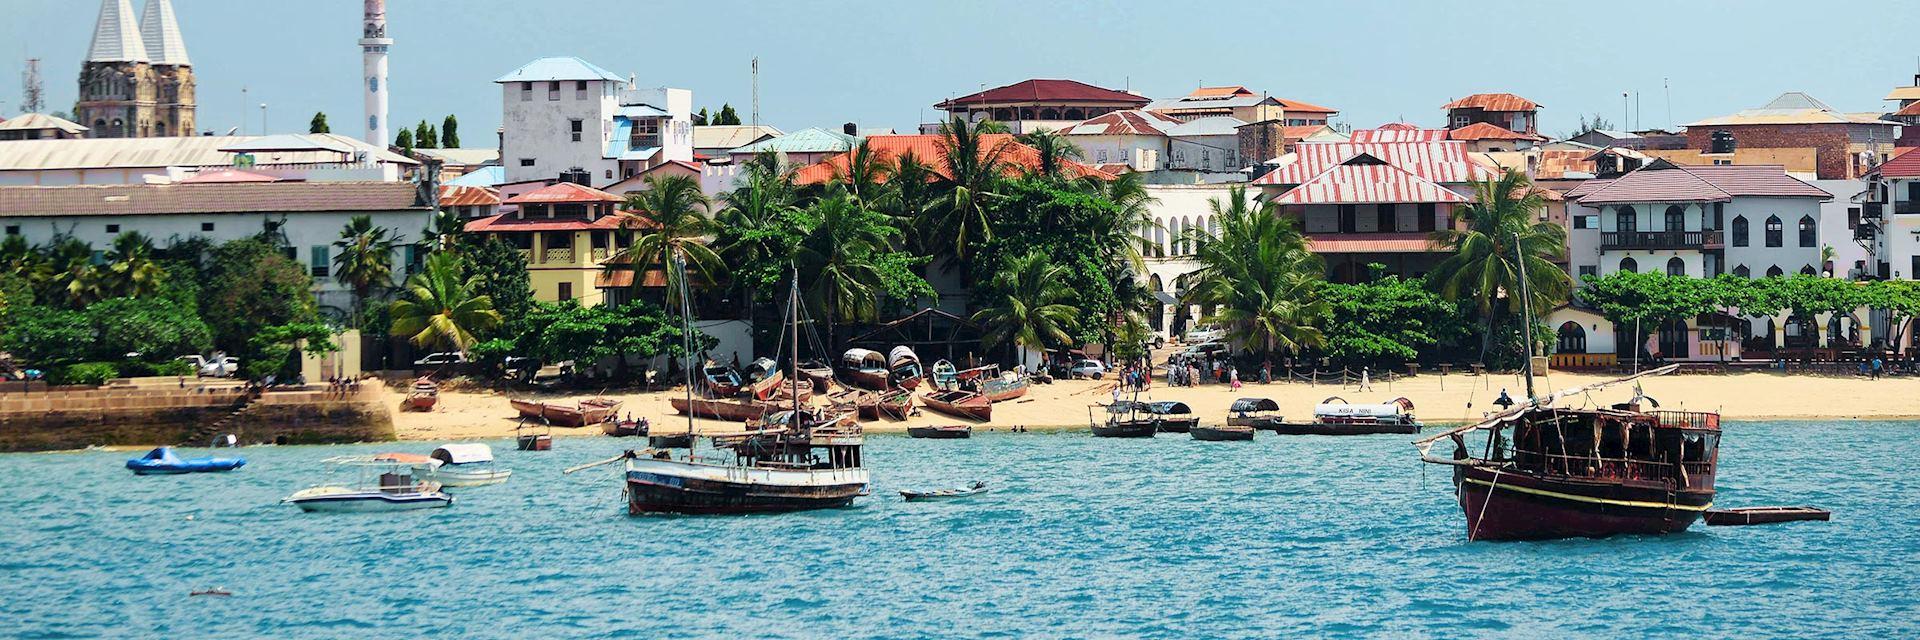 Stone Town, Zanzibar Island